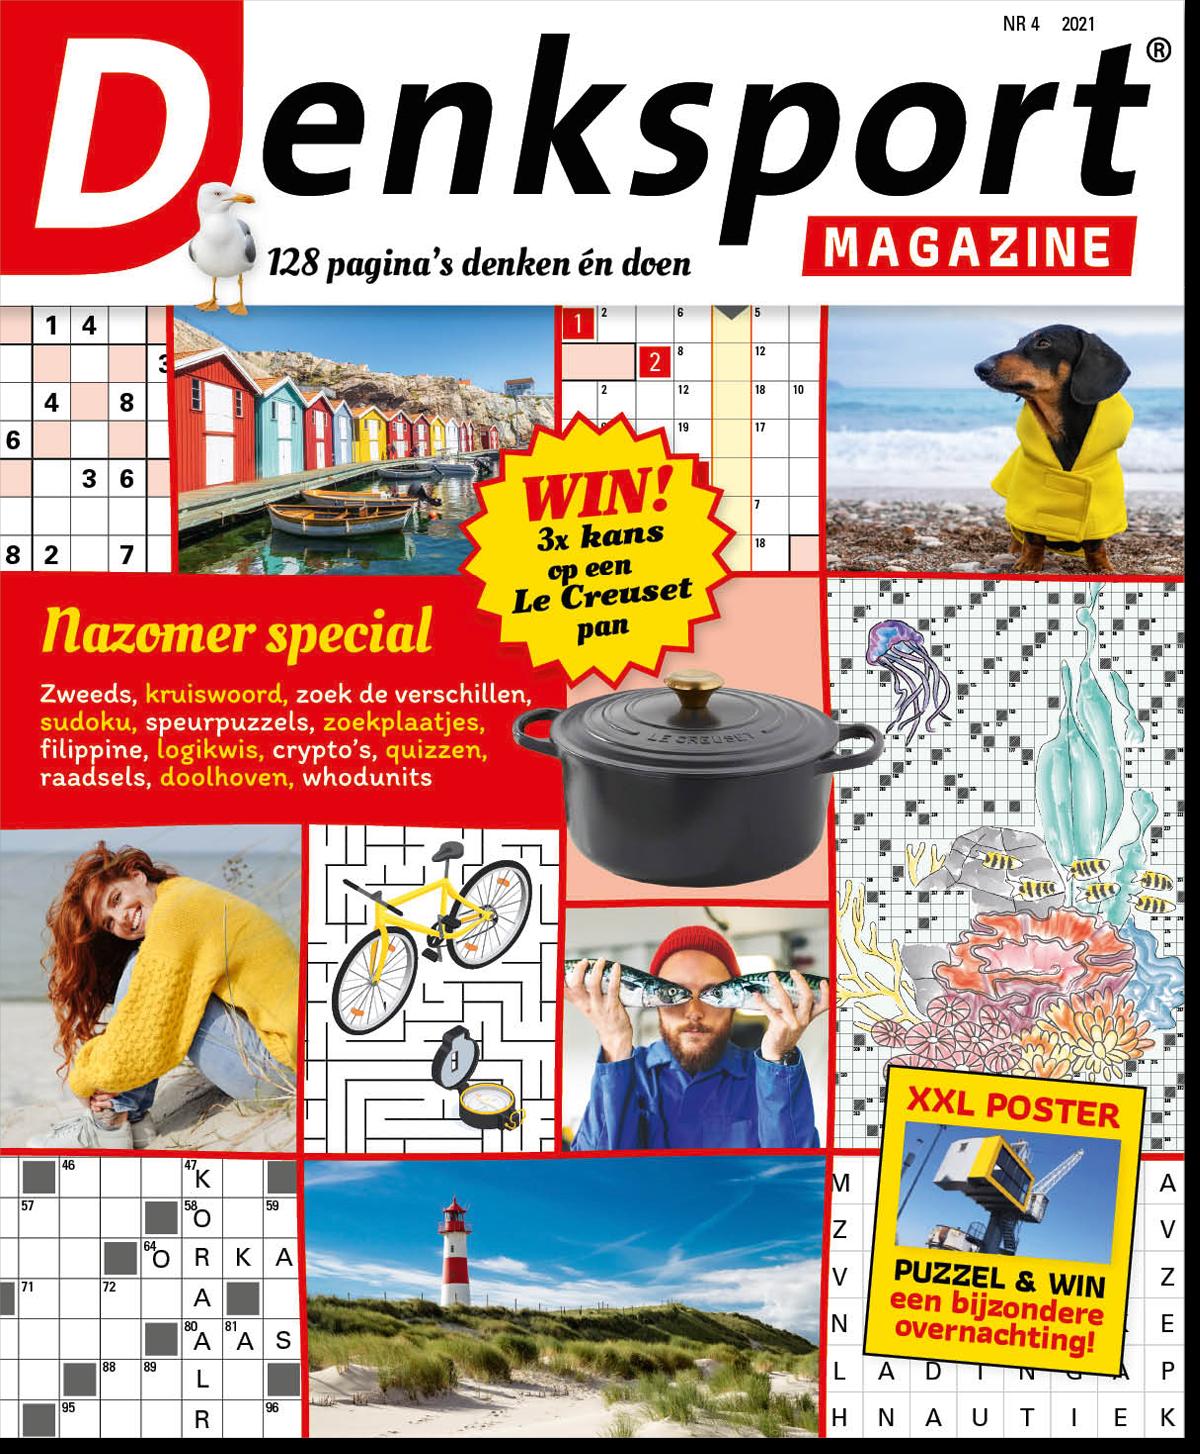 Afbeelding van Denksport Magazine - Editie 4